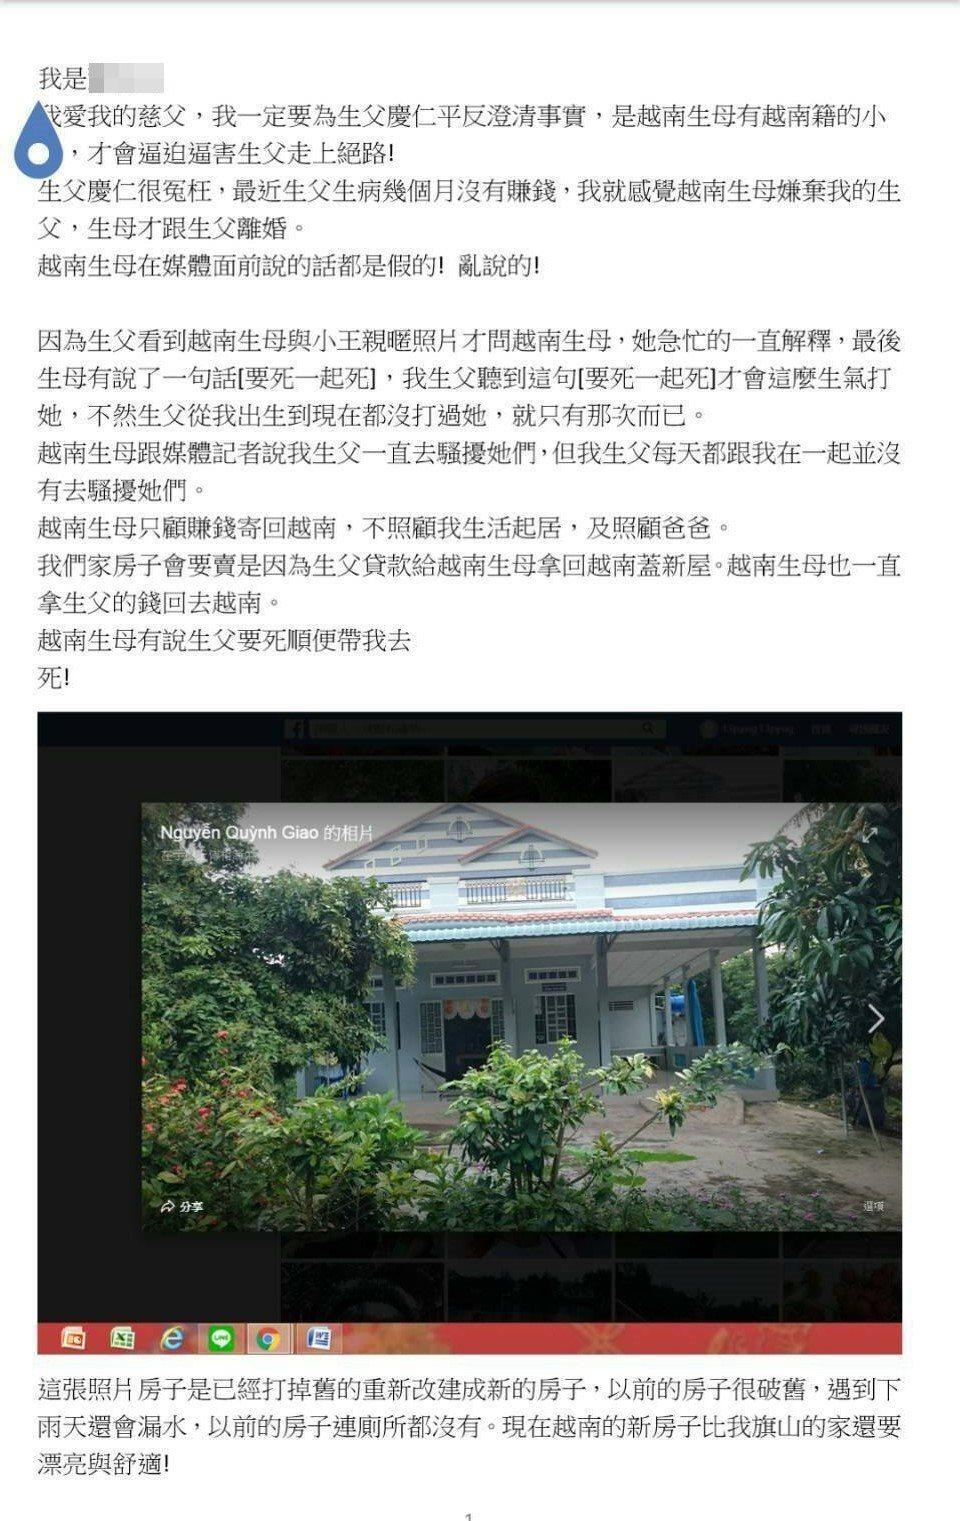 蕭家女童為父親打抱不平,發文替父親「平反」。記者徐白櫻/翻攝